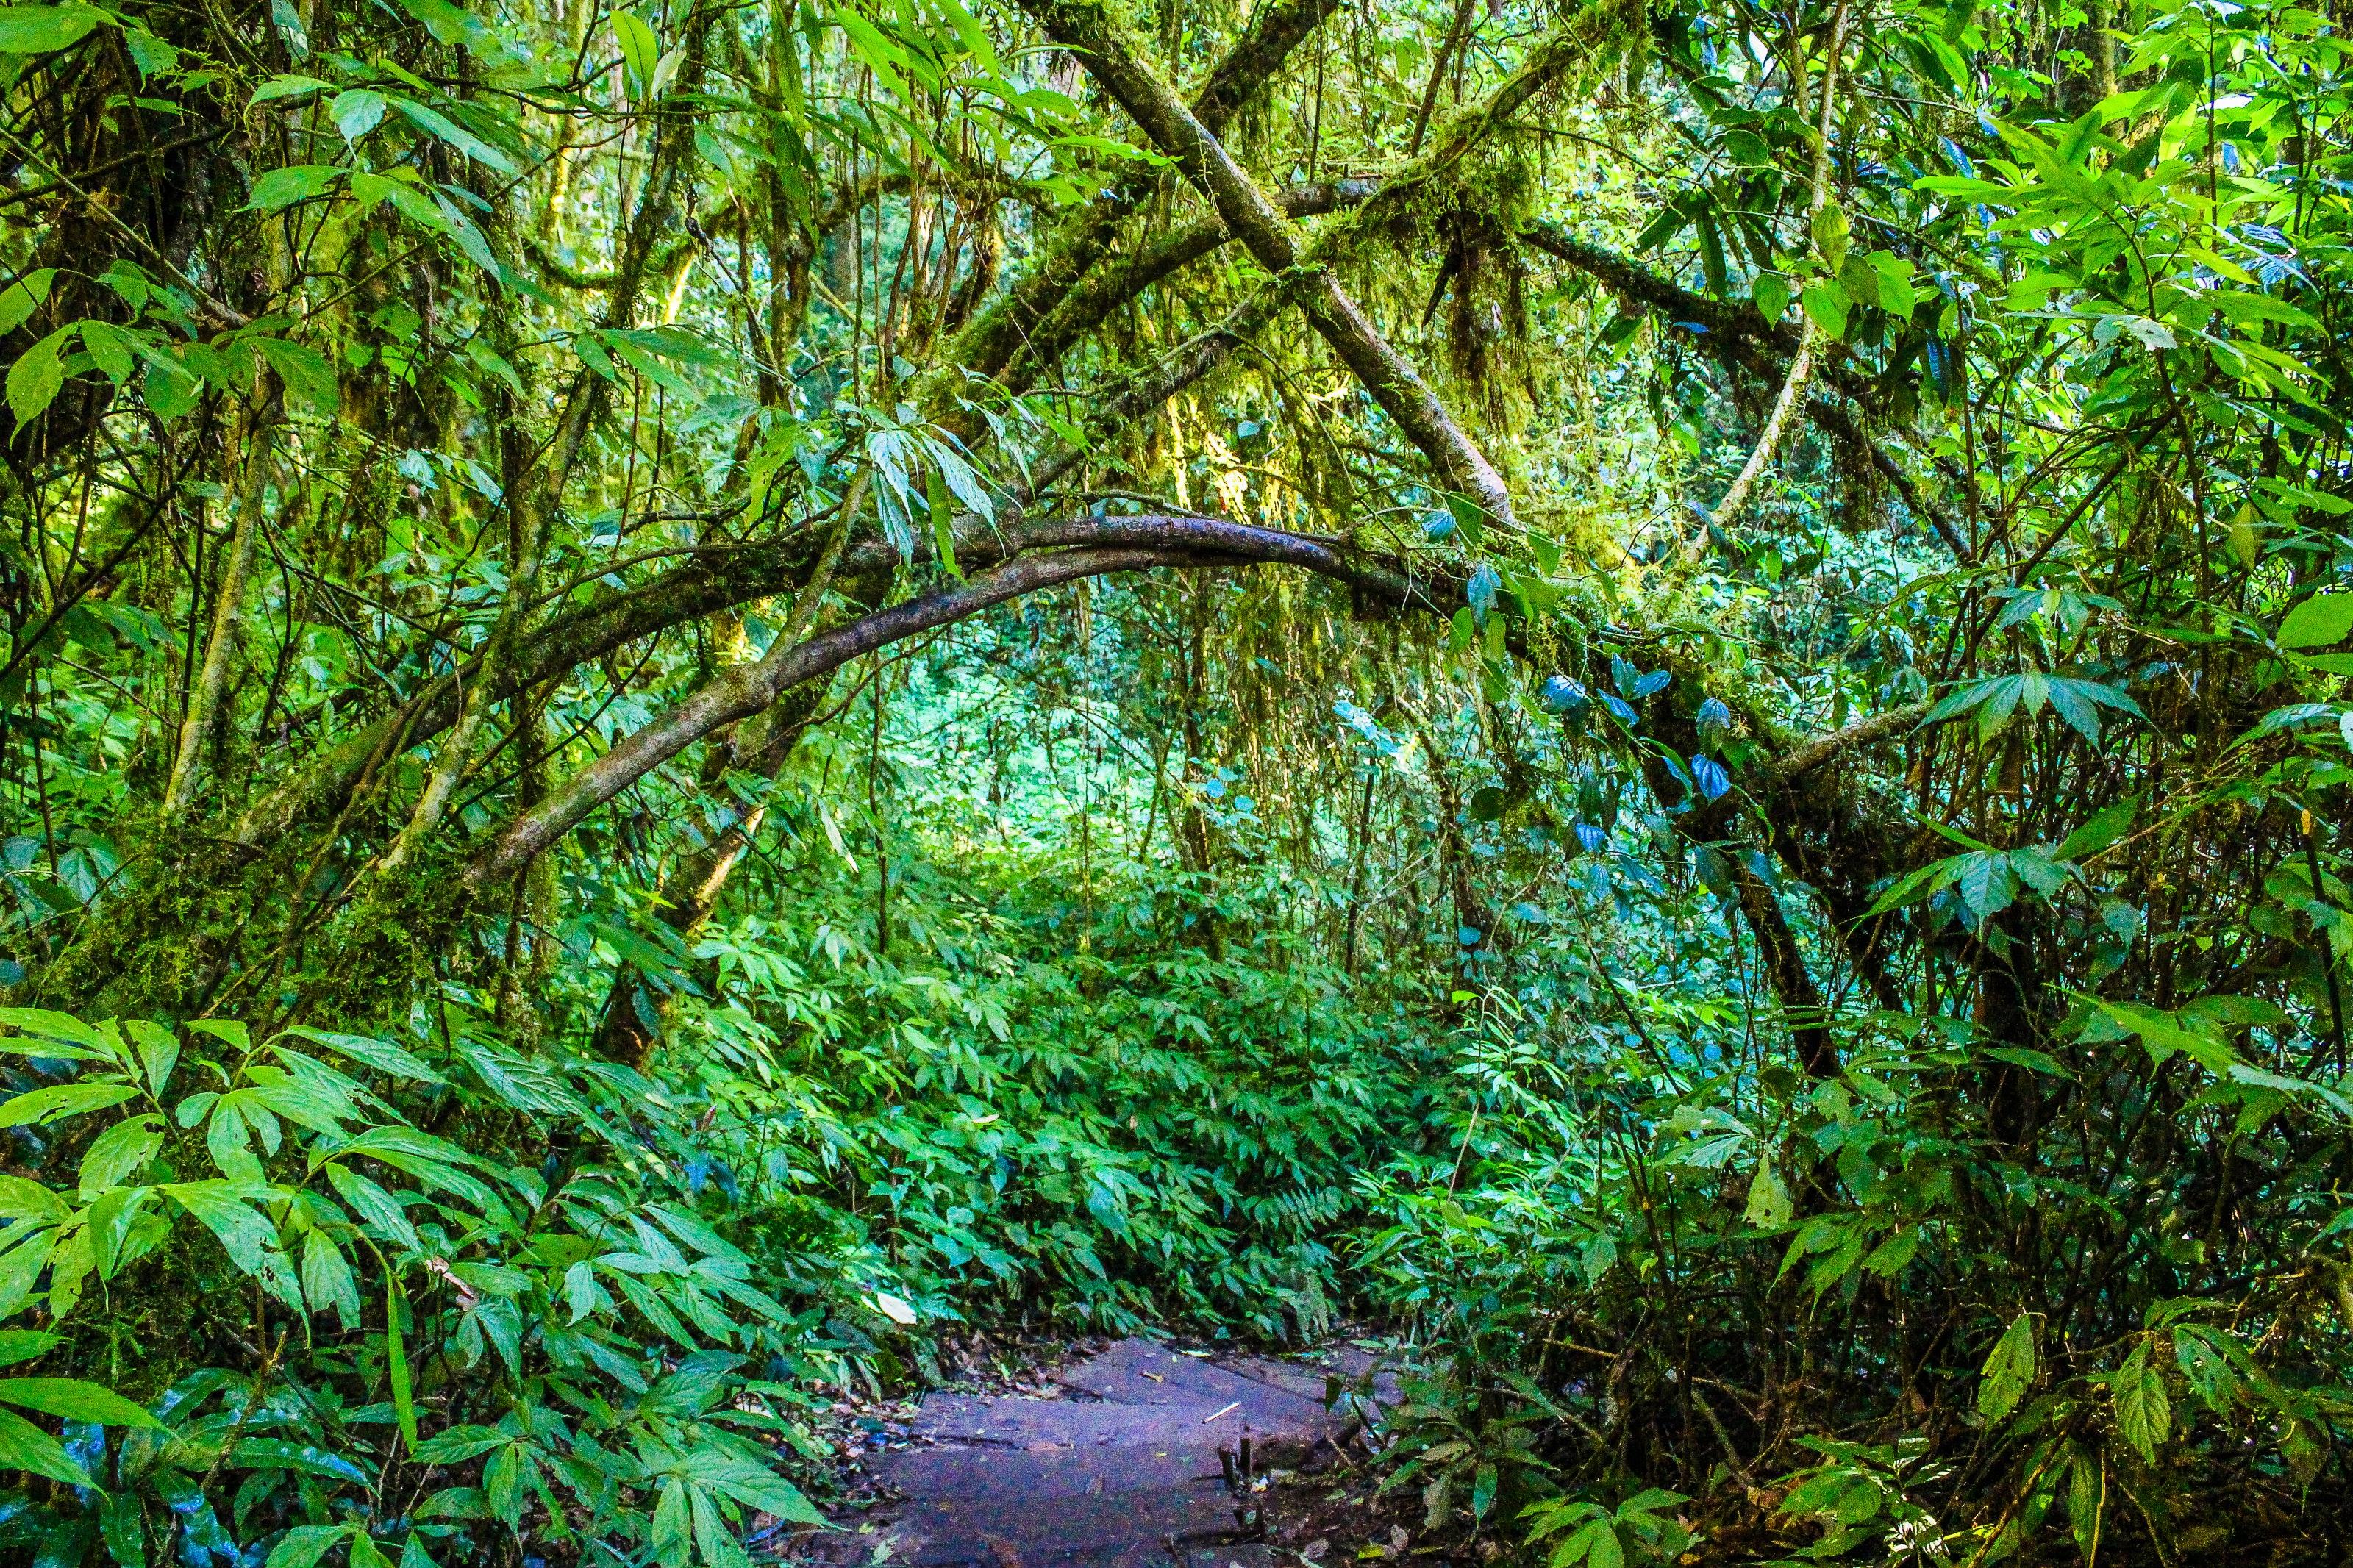 200 Great Jungle Photos 183 Pexels 183 Free Stock Photos